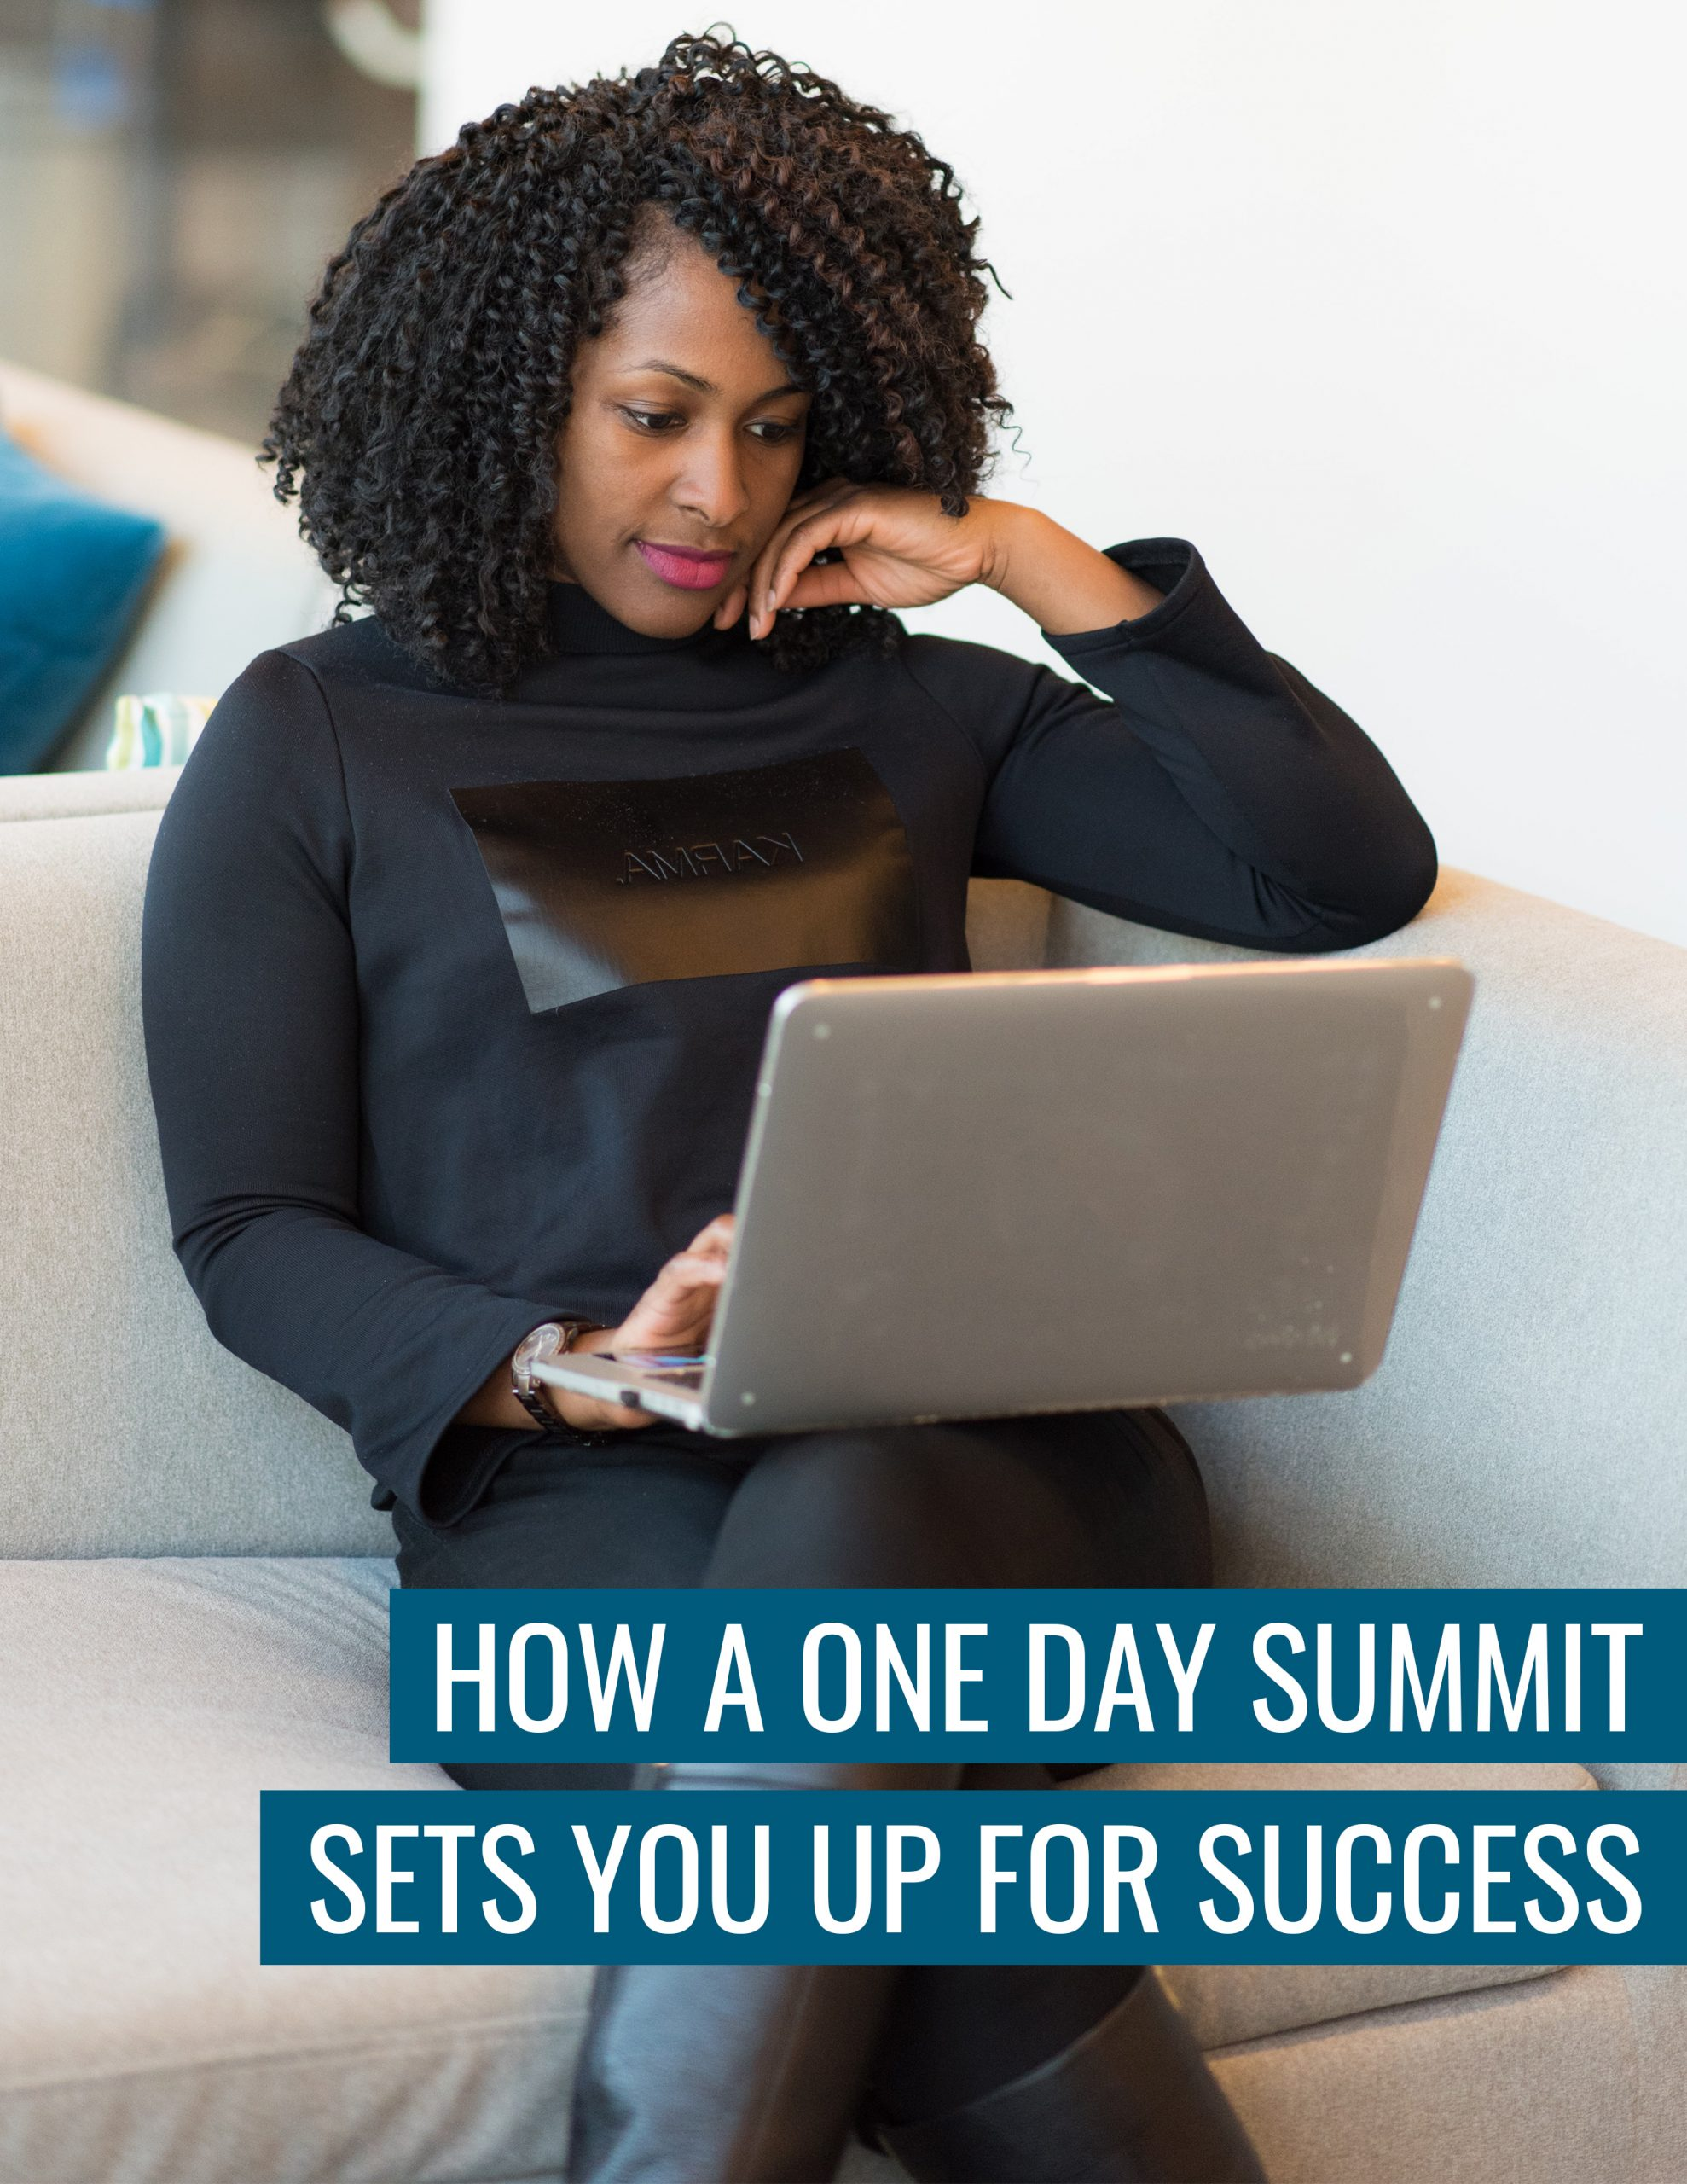 One-Day Summit